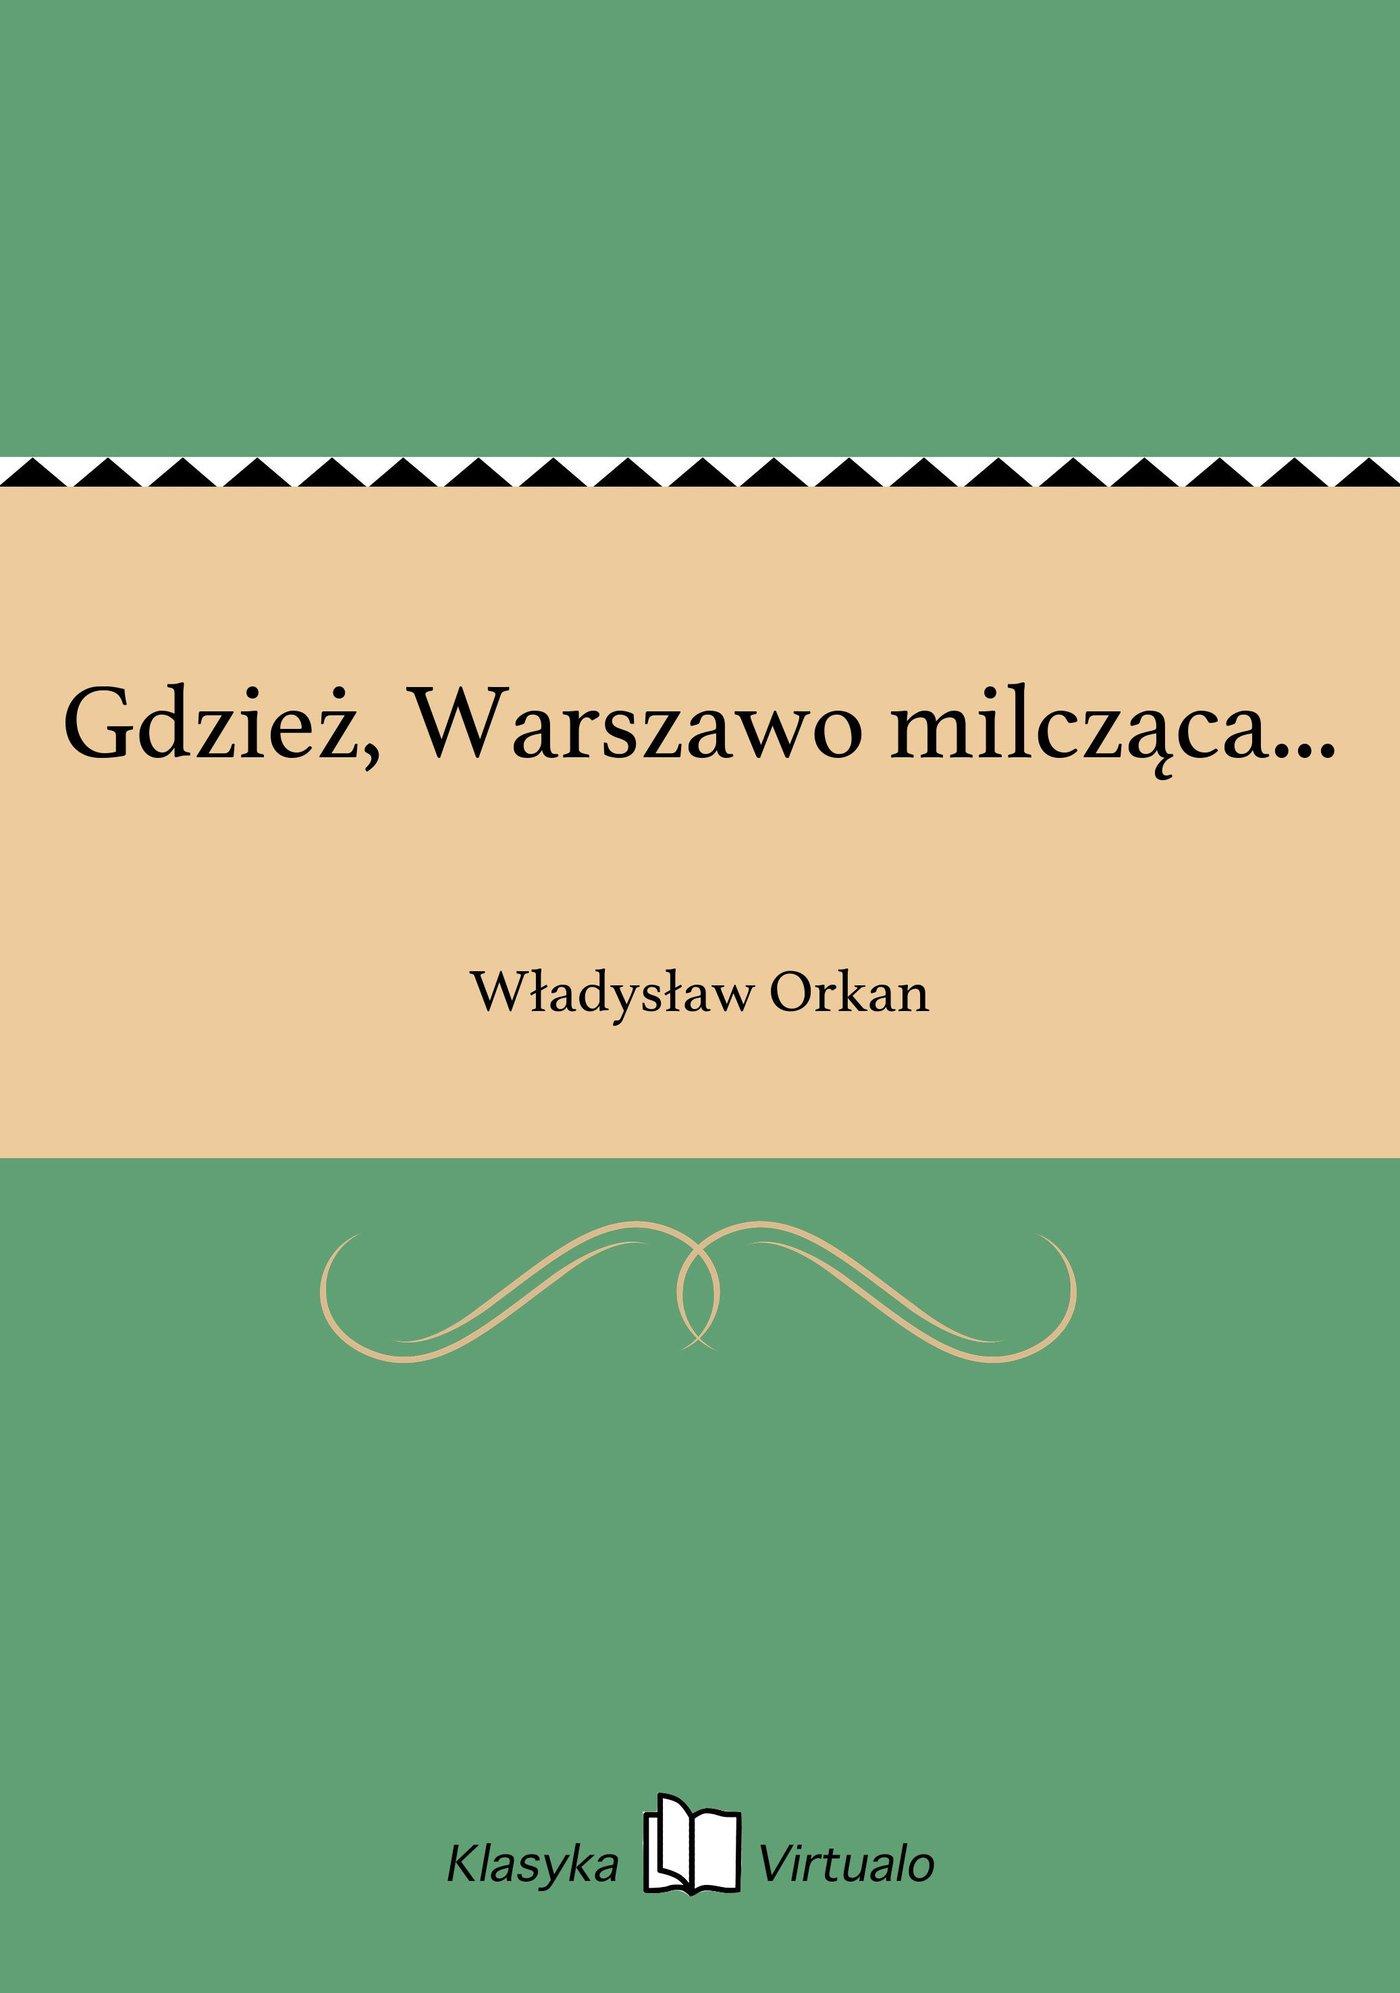 Gdzież, Warszawo milcząca... - Ebook (Książka na Kindle) do pobrania w formacie MOBI